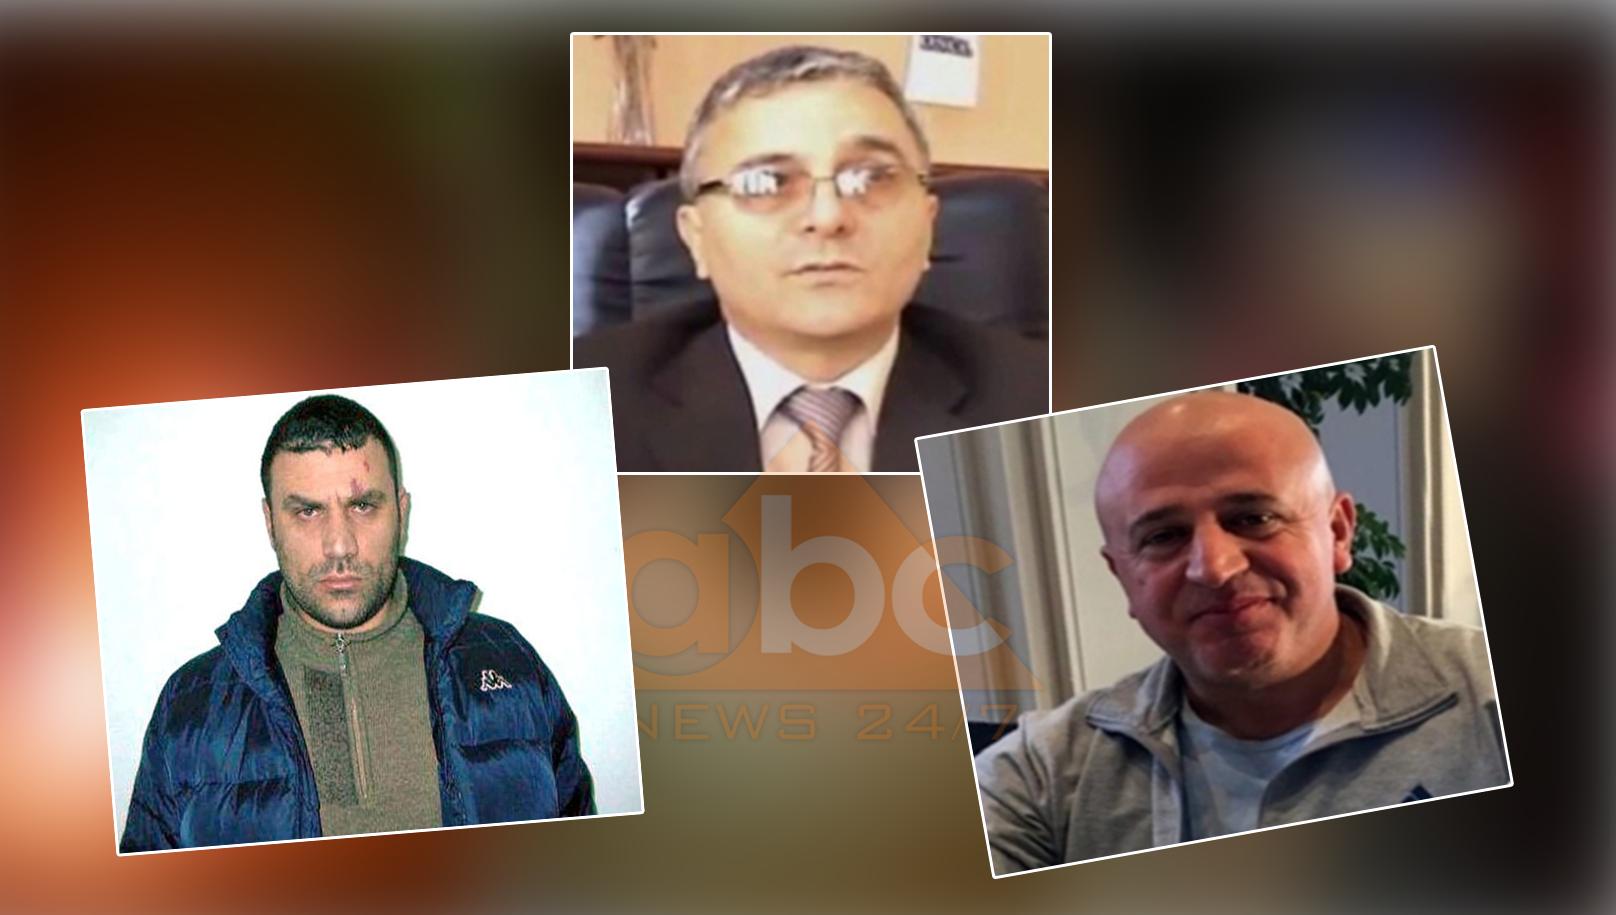 I vënë flakën makinave, Arben Vrioni ish-gjyqtar i çështjeve të nxehta të Emiljano Shullazit dhe Lul Berishës